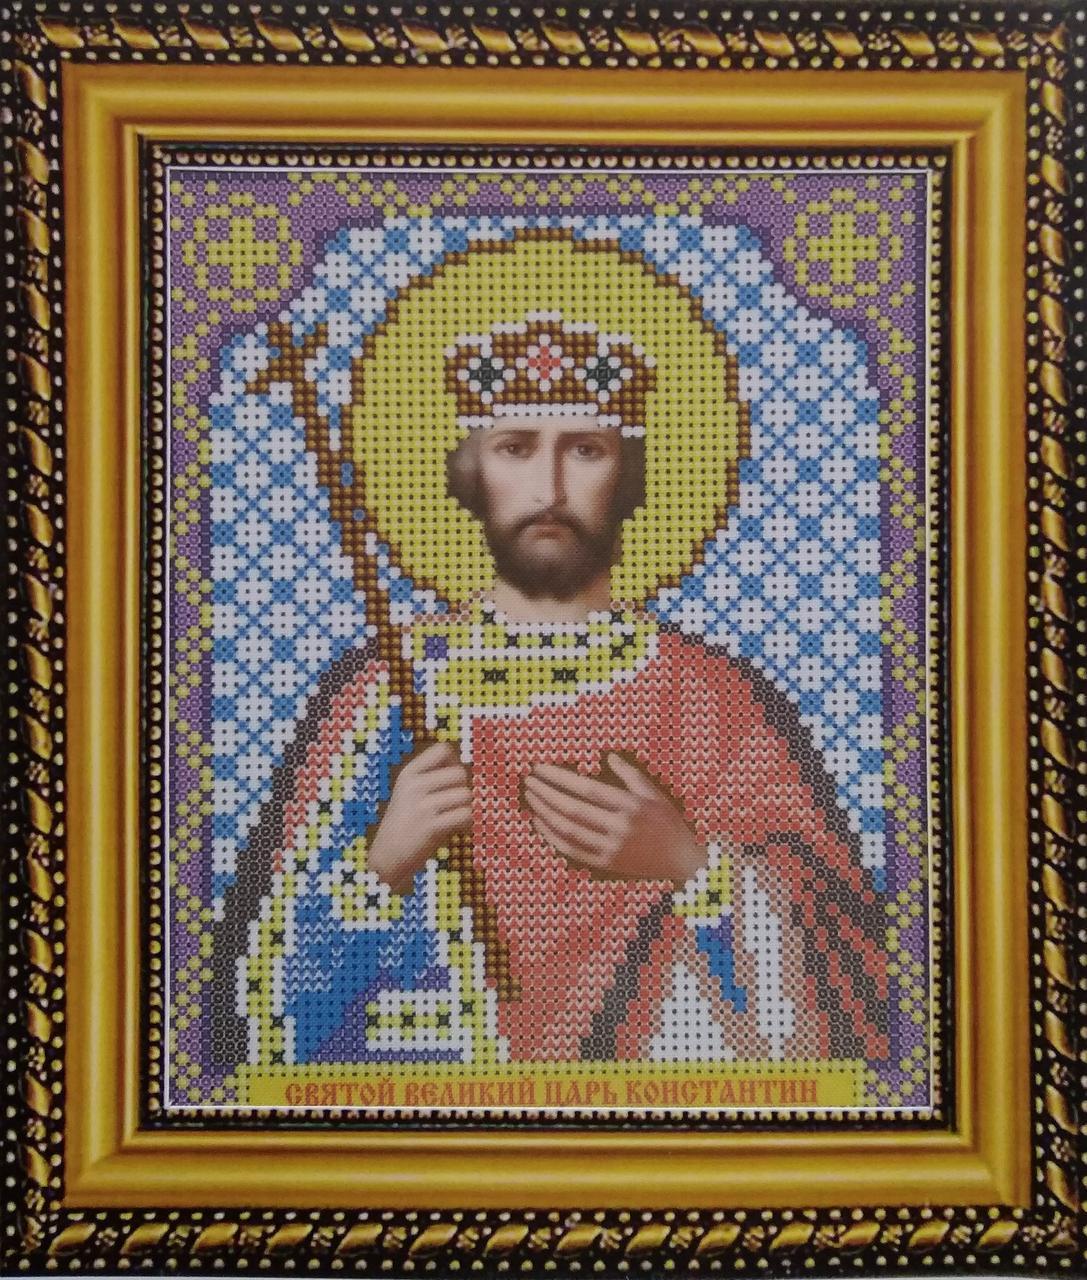 Набор для вышивки бисером ArtWork икона Святой Великий Царь Константин VIA 5027